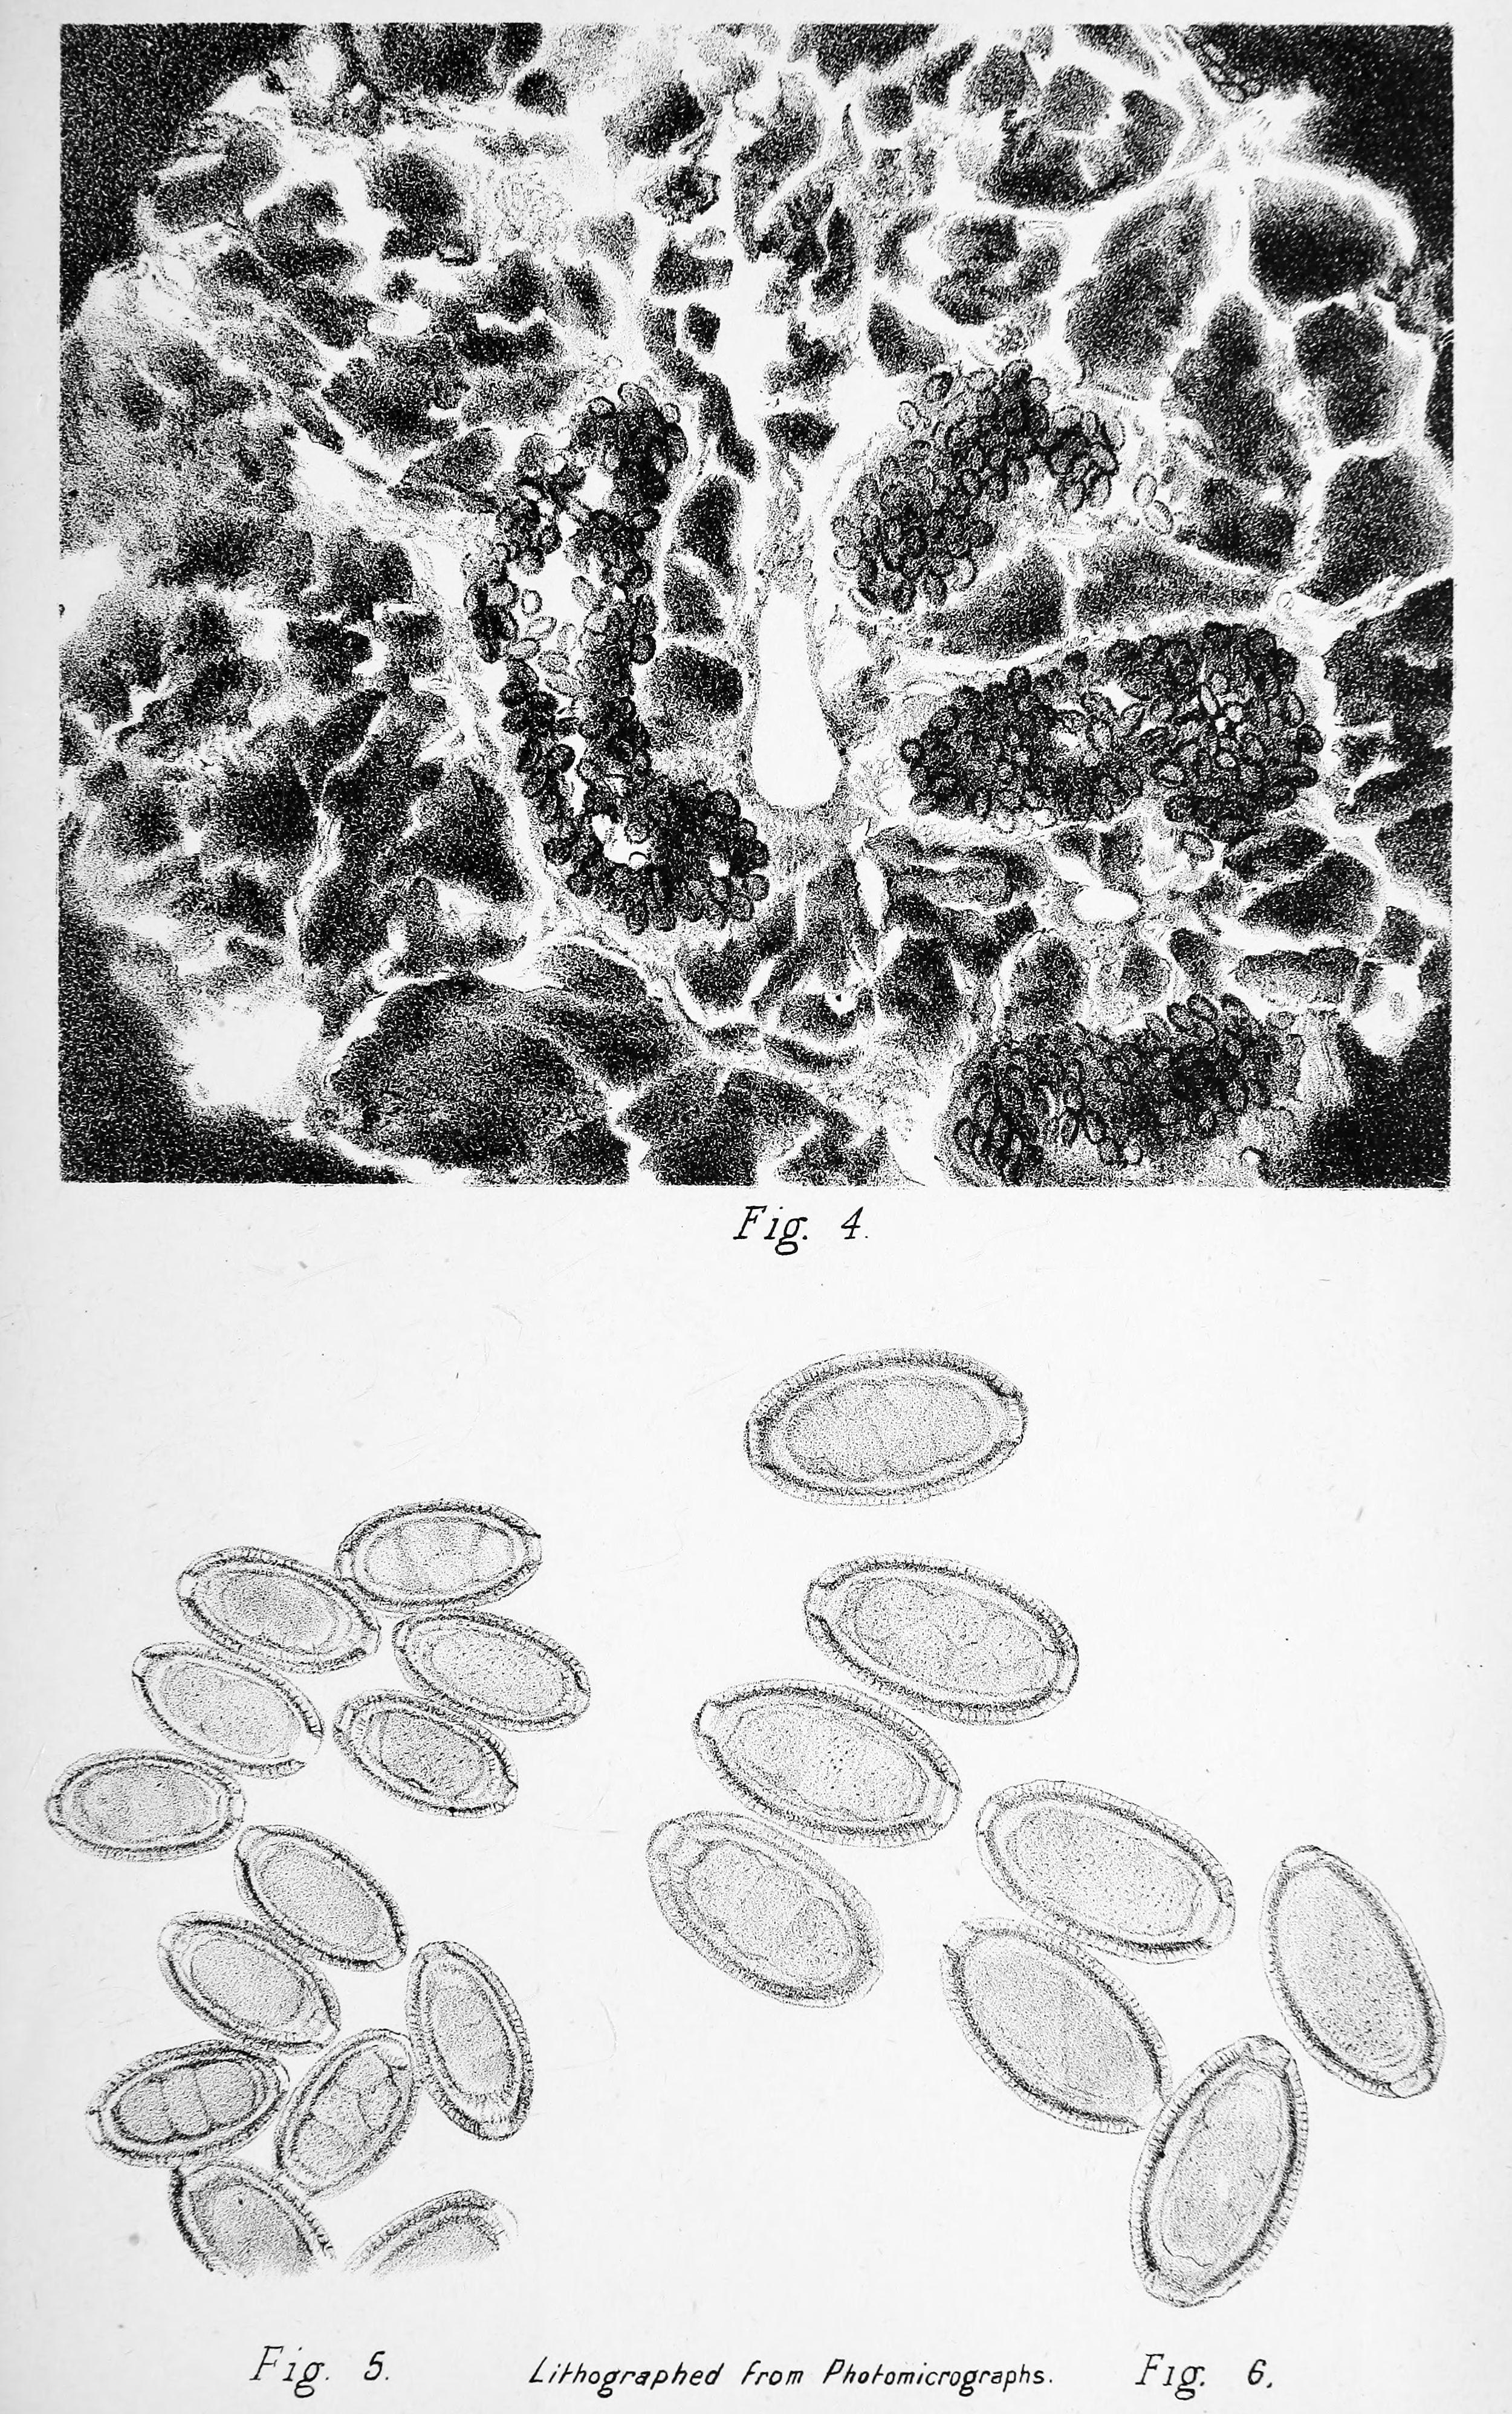 Trichocephalosis tojásméret - Profilaktikus tabletták a paraziták számára a testben